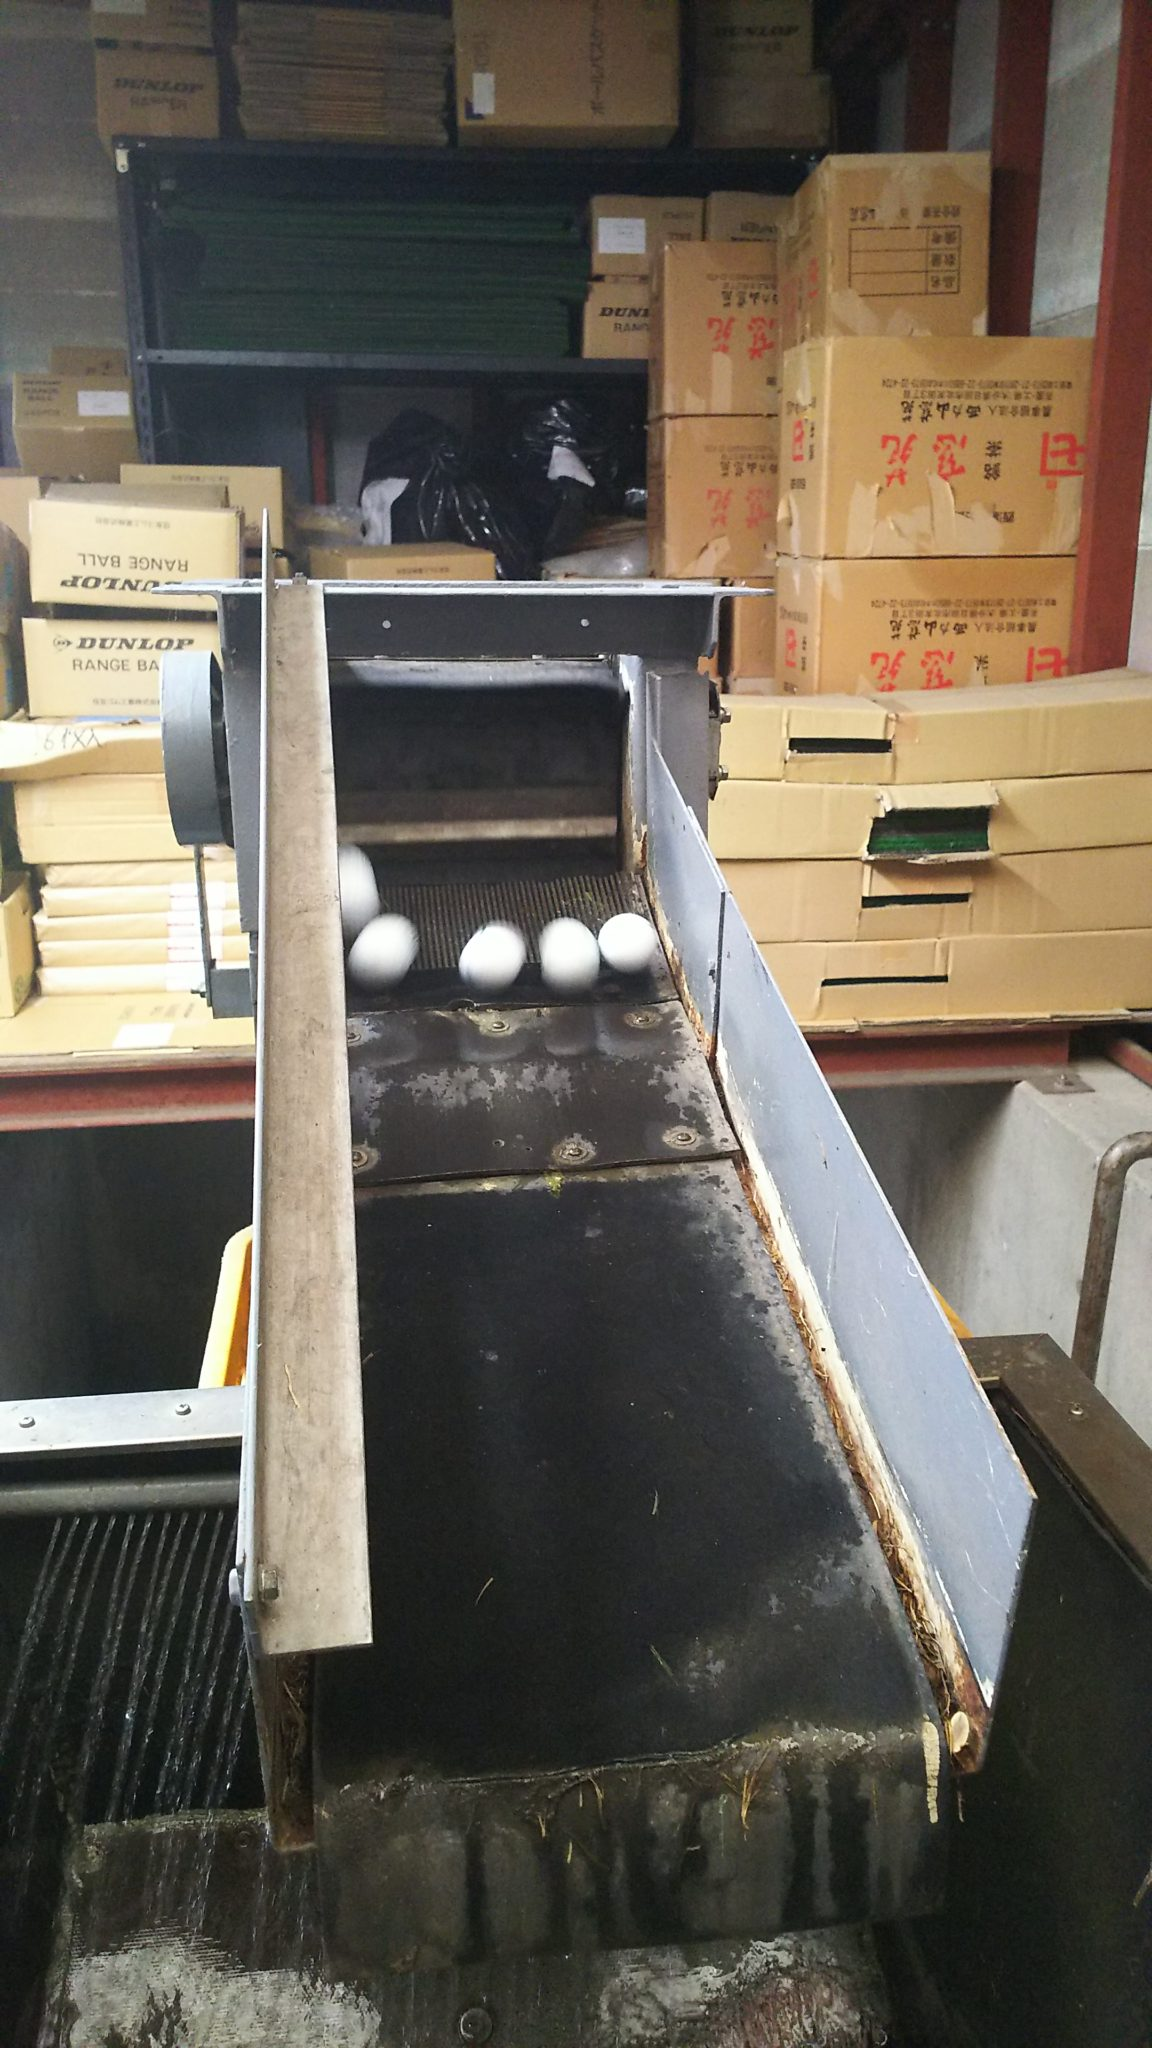 ボール送球用ゴムバケット交換工事 image5